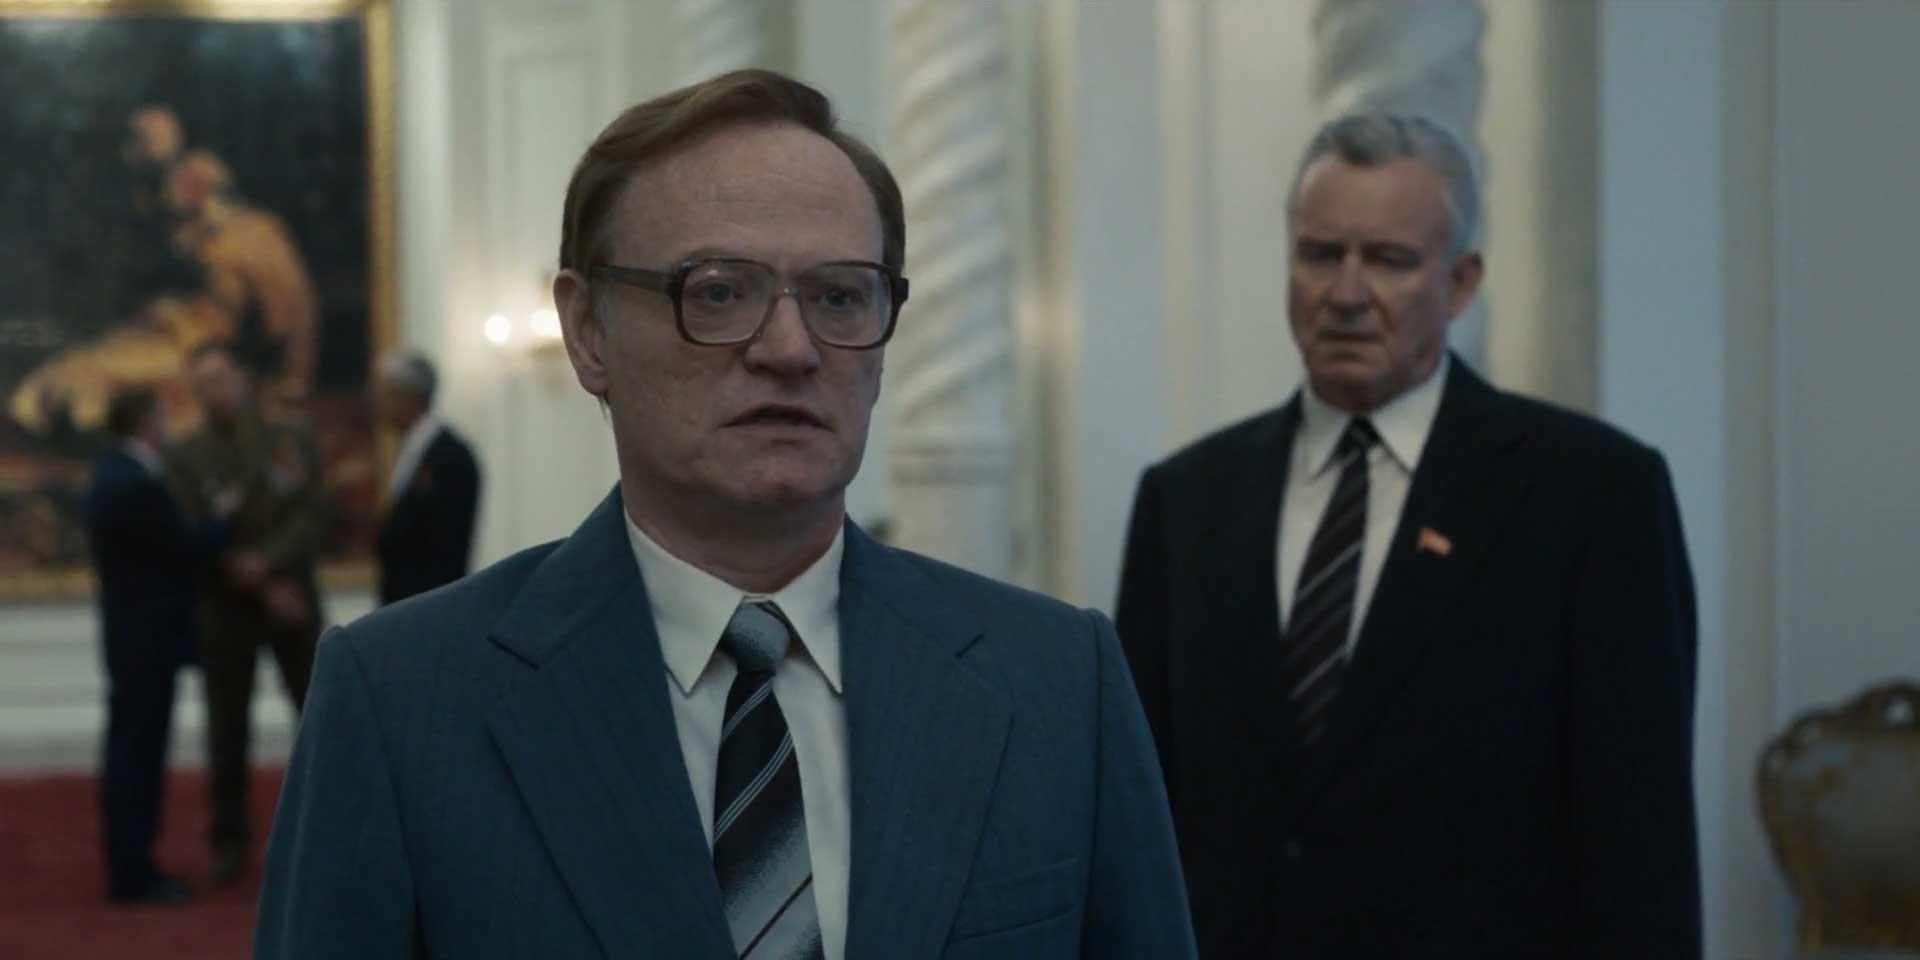 HBO Chernobyl Episode 3 S1E3 Legasov Shcherbina